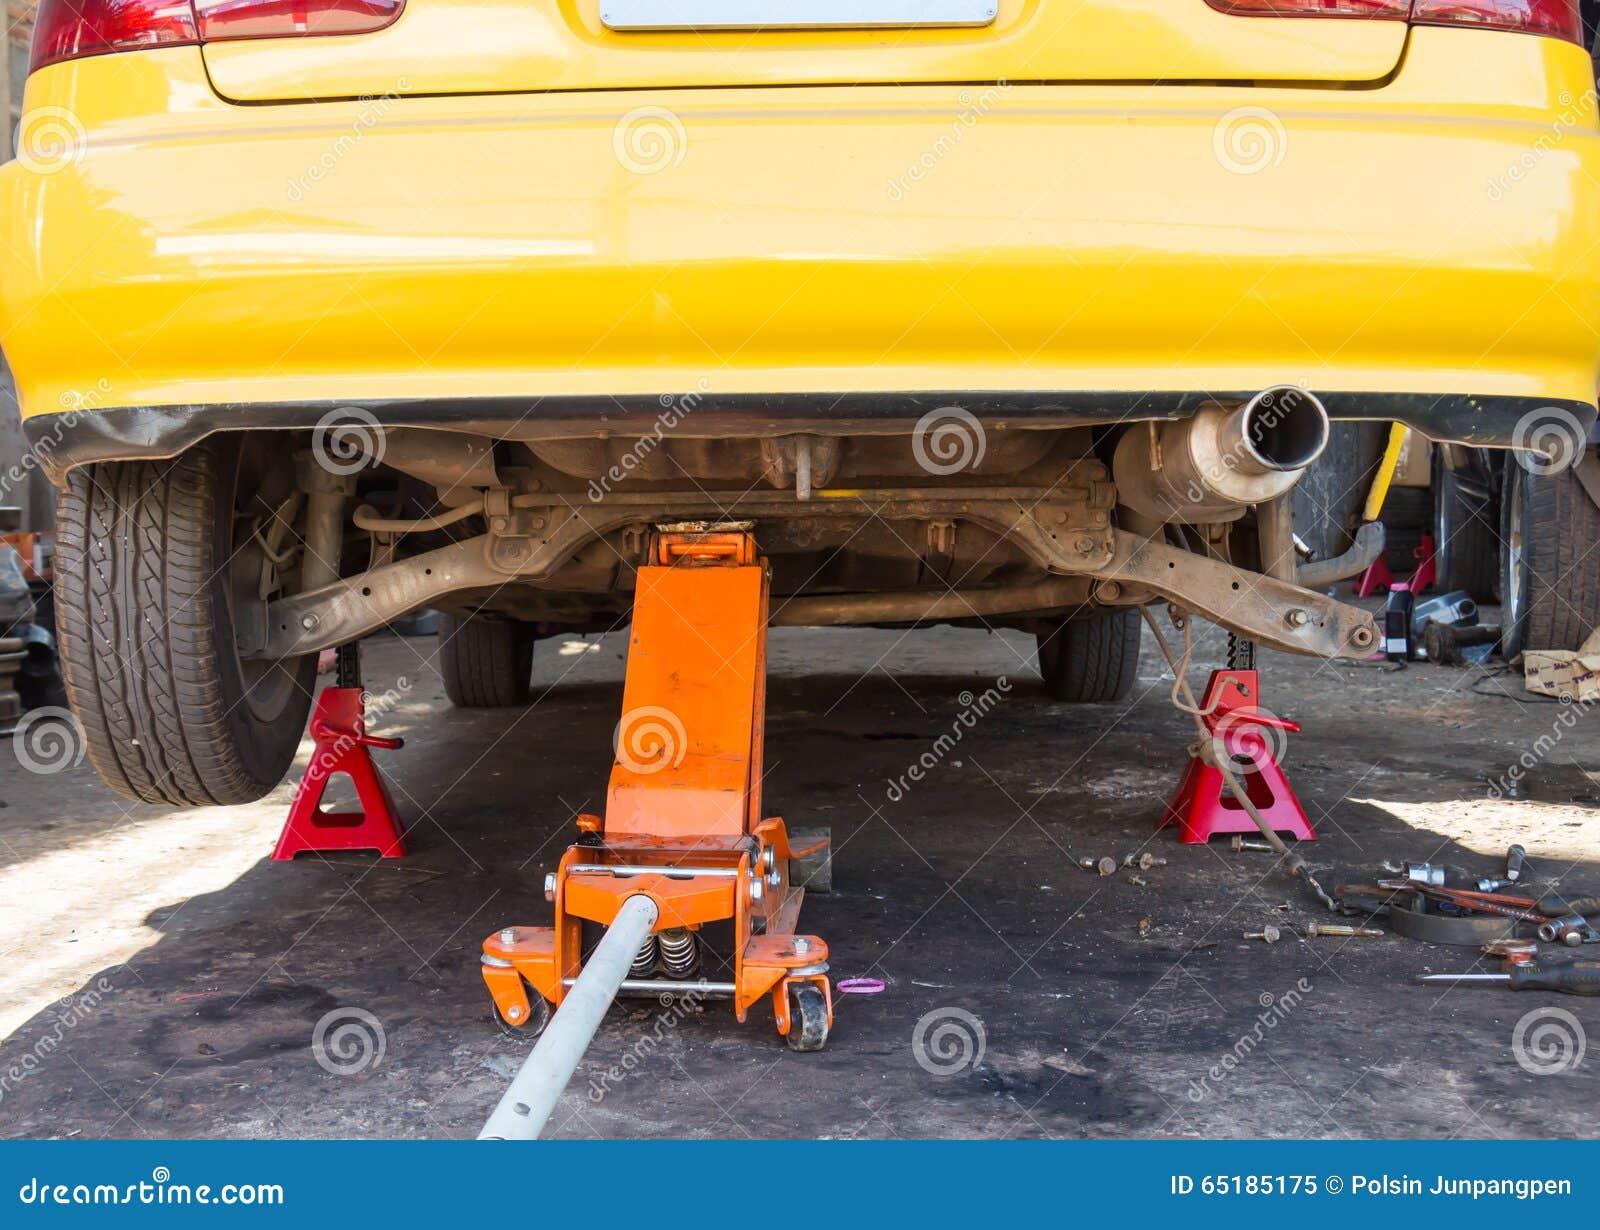 Автомобиль с jack для того чтобы поднять заднее колесо для ремонта тормоза